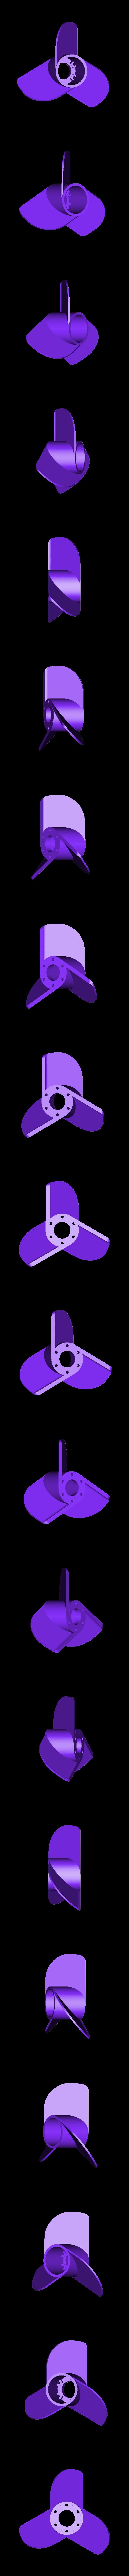 3 flaps marine propeller.stl Télécharger fichier STL gratuit Hélice marine à 3 volets • Modèle pour impression 3D, ErkanErk